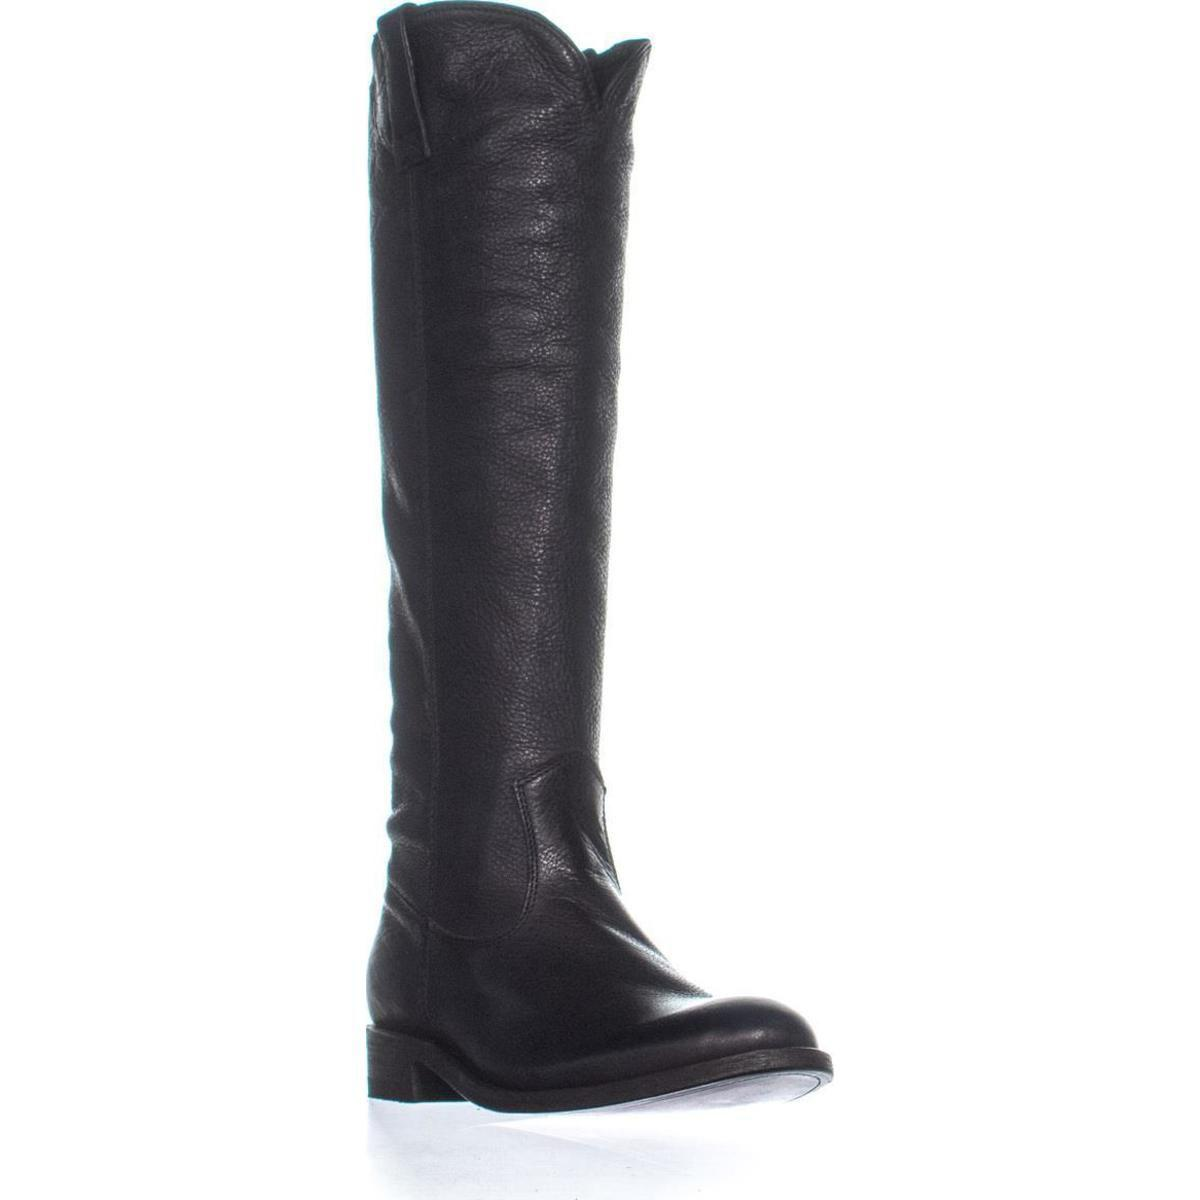 5d950458718 Dolce Vita. Women s Lujan Knee-high Riding Boots